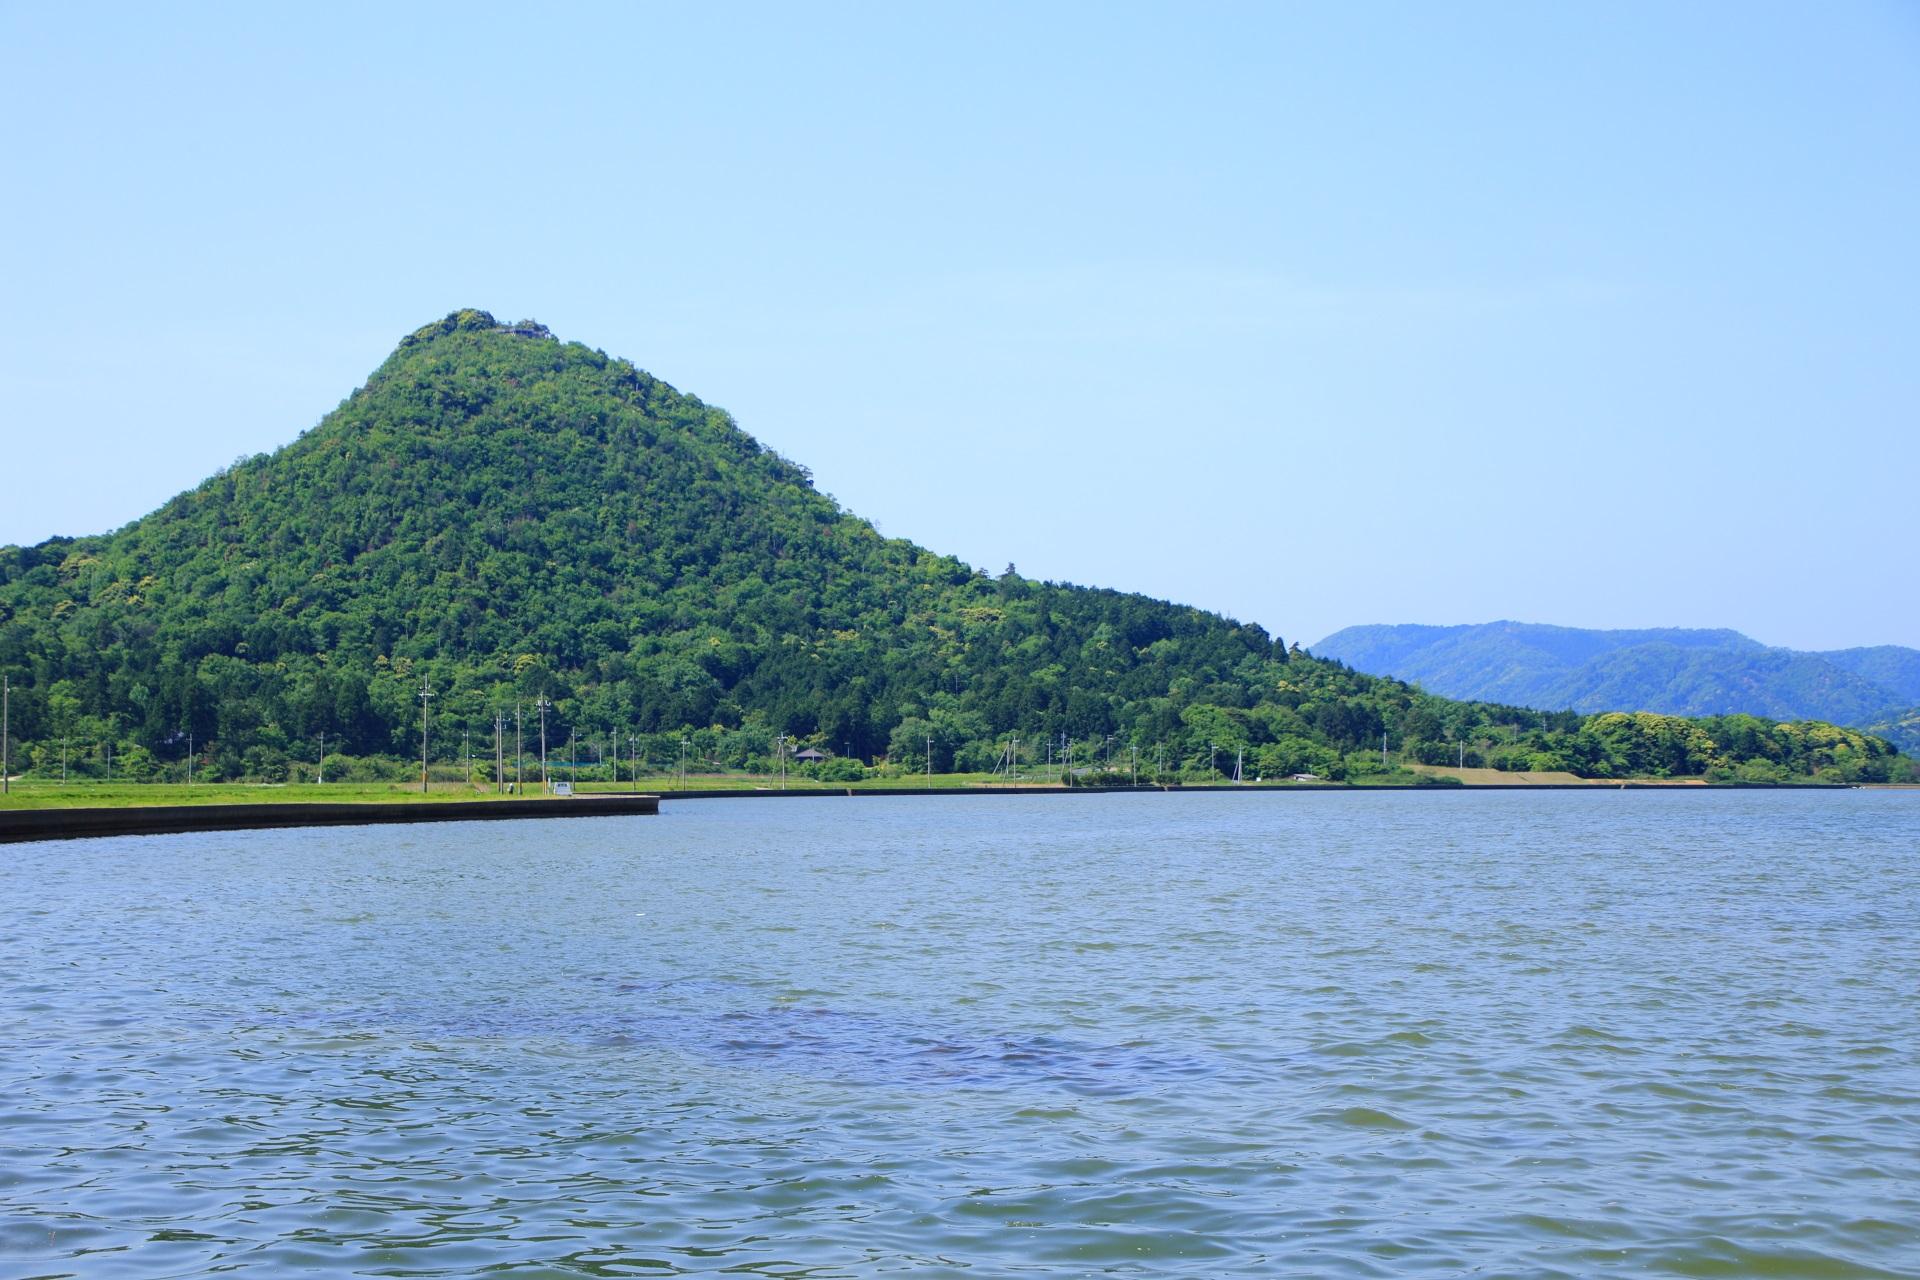 久美浜湾の畔から眺める標高190メートル程の兜山(かぶと山)